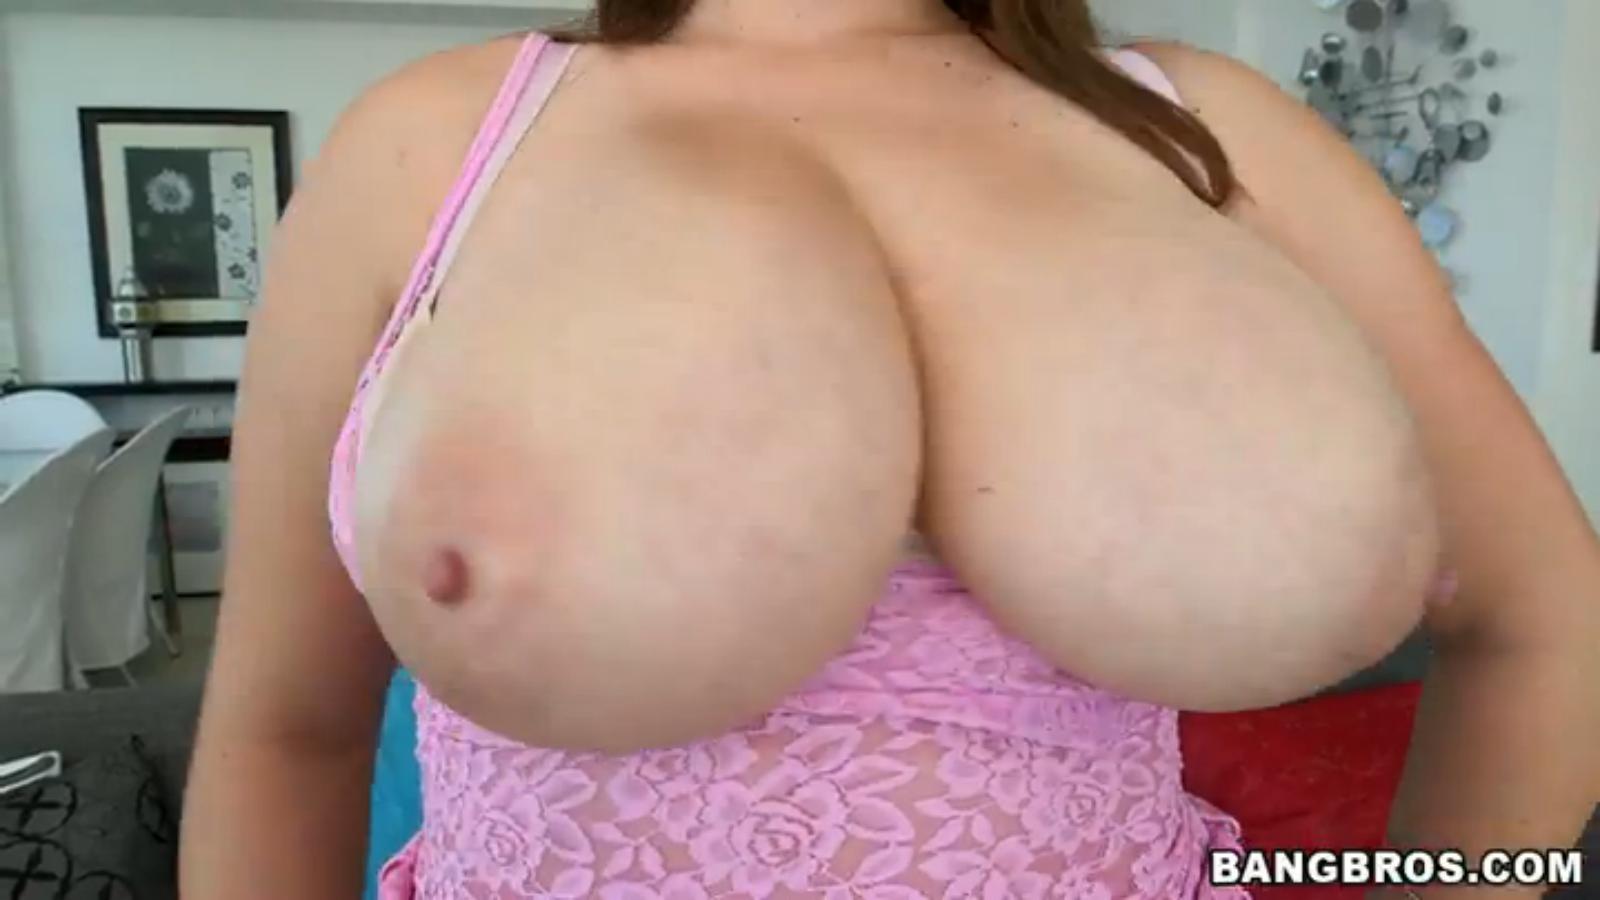 Jessica roberts big natural size tits 9